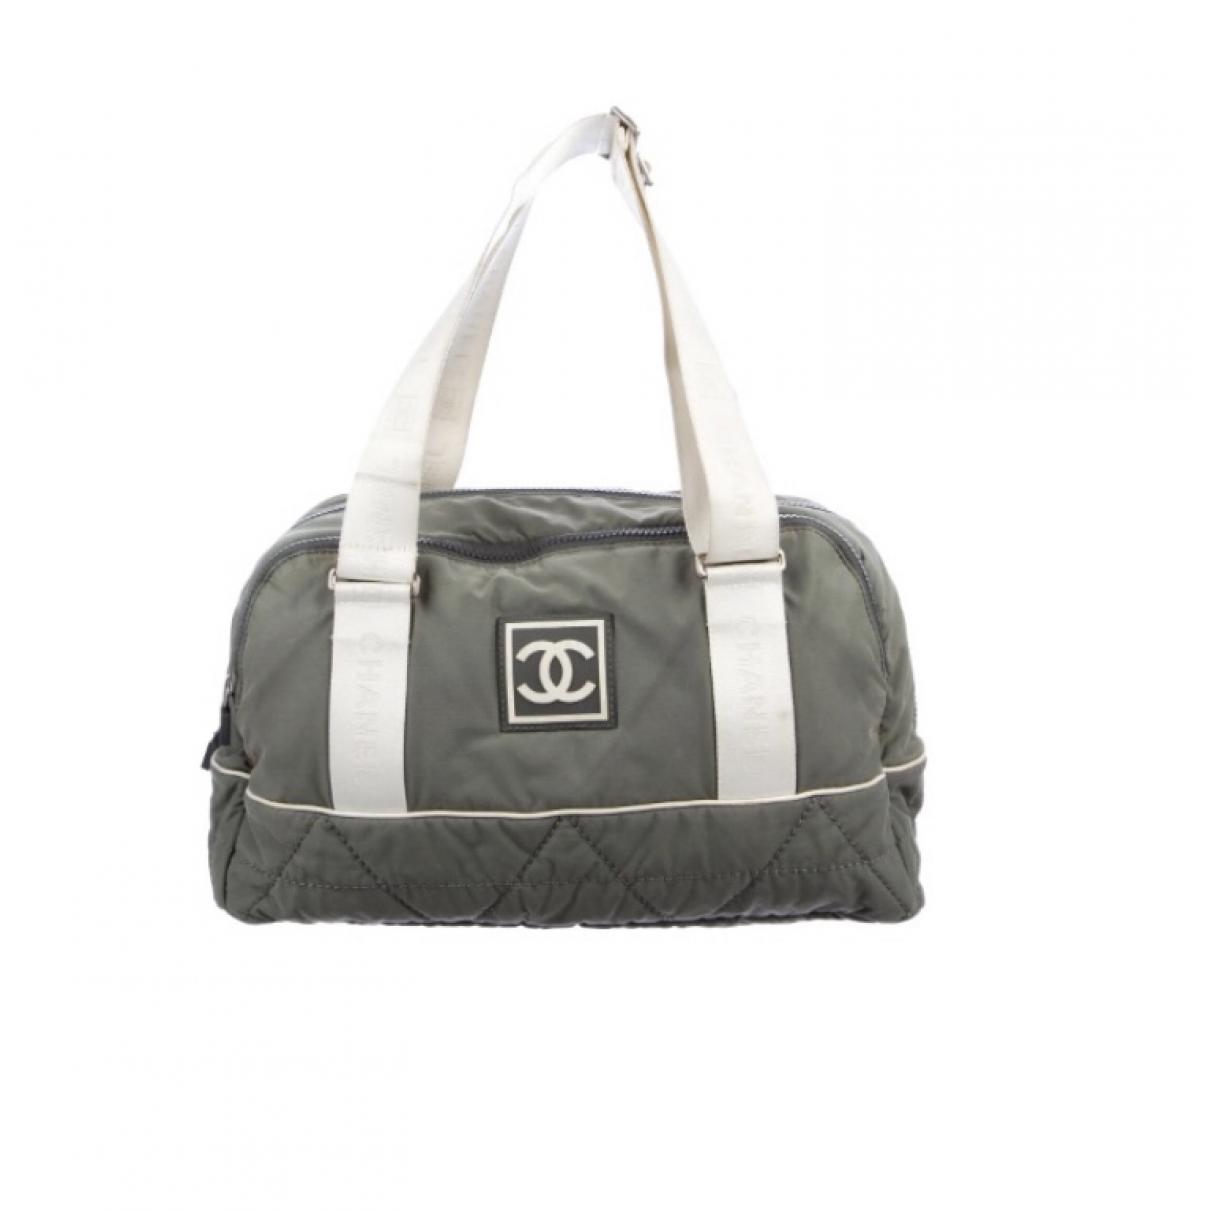 Chanel \N Grey Cotton handbag for Women \N